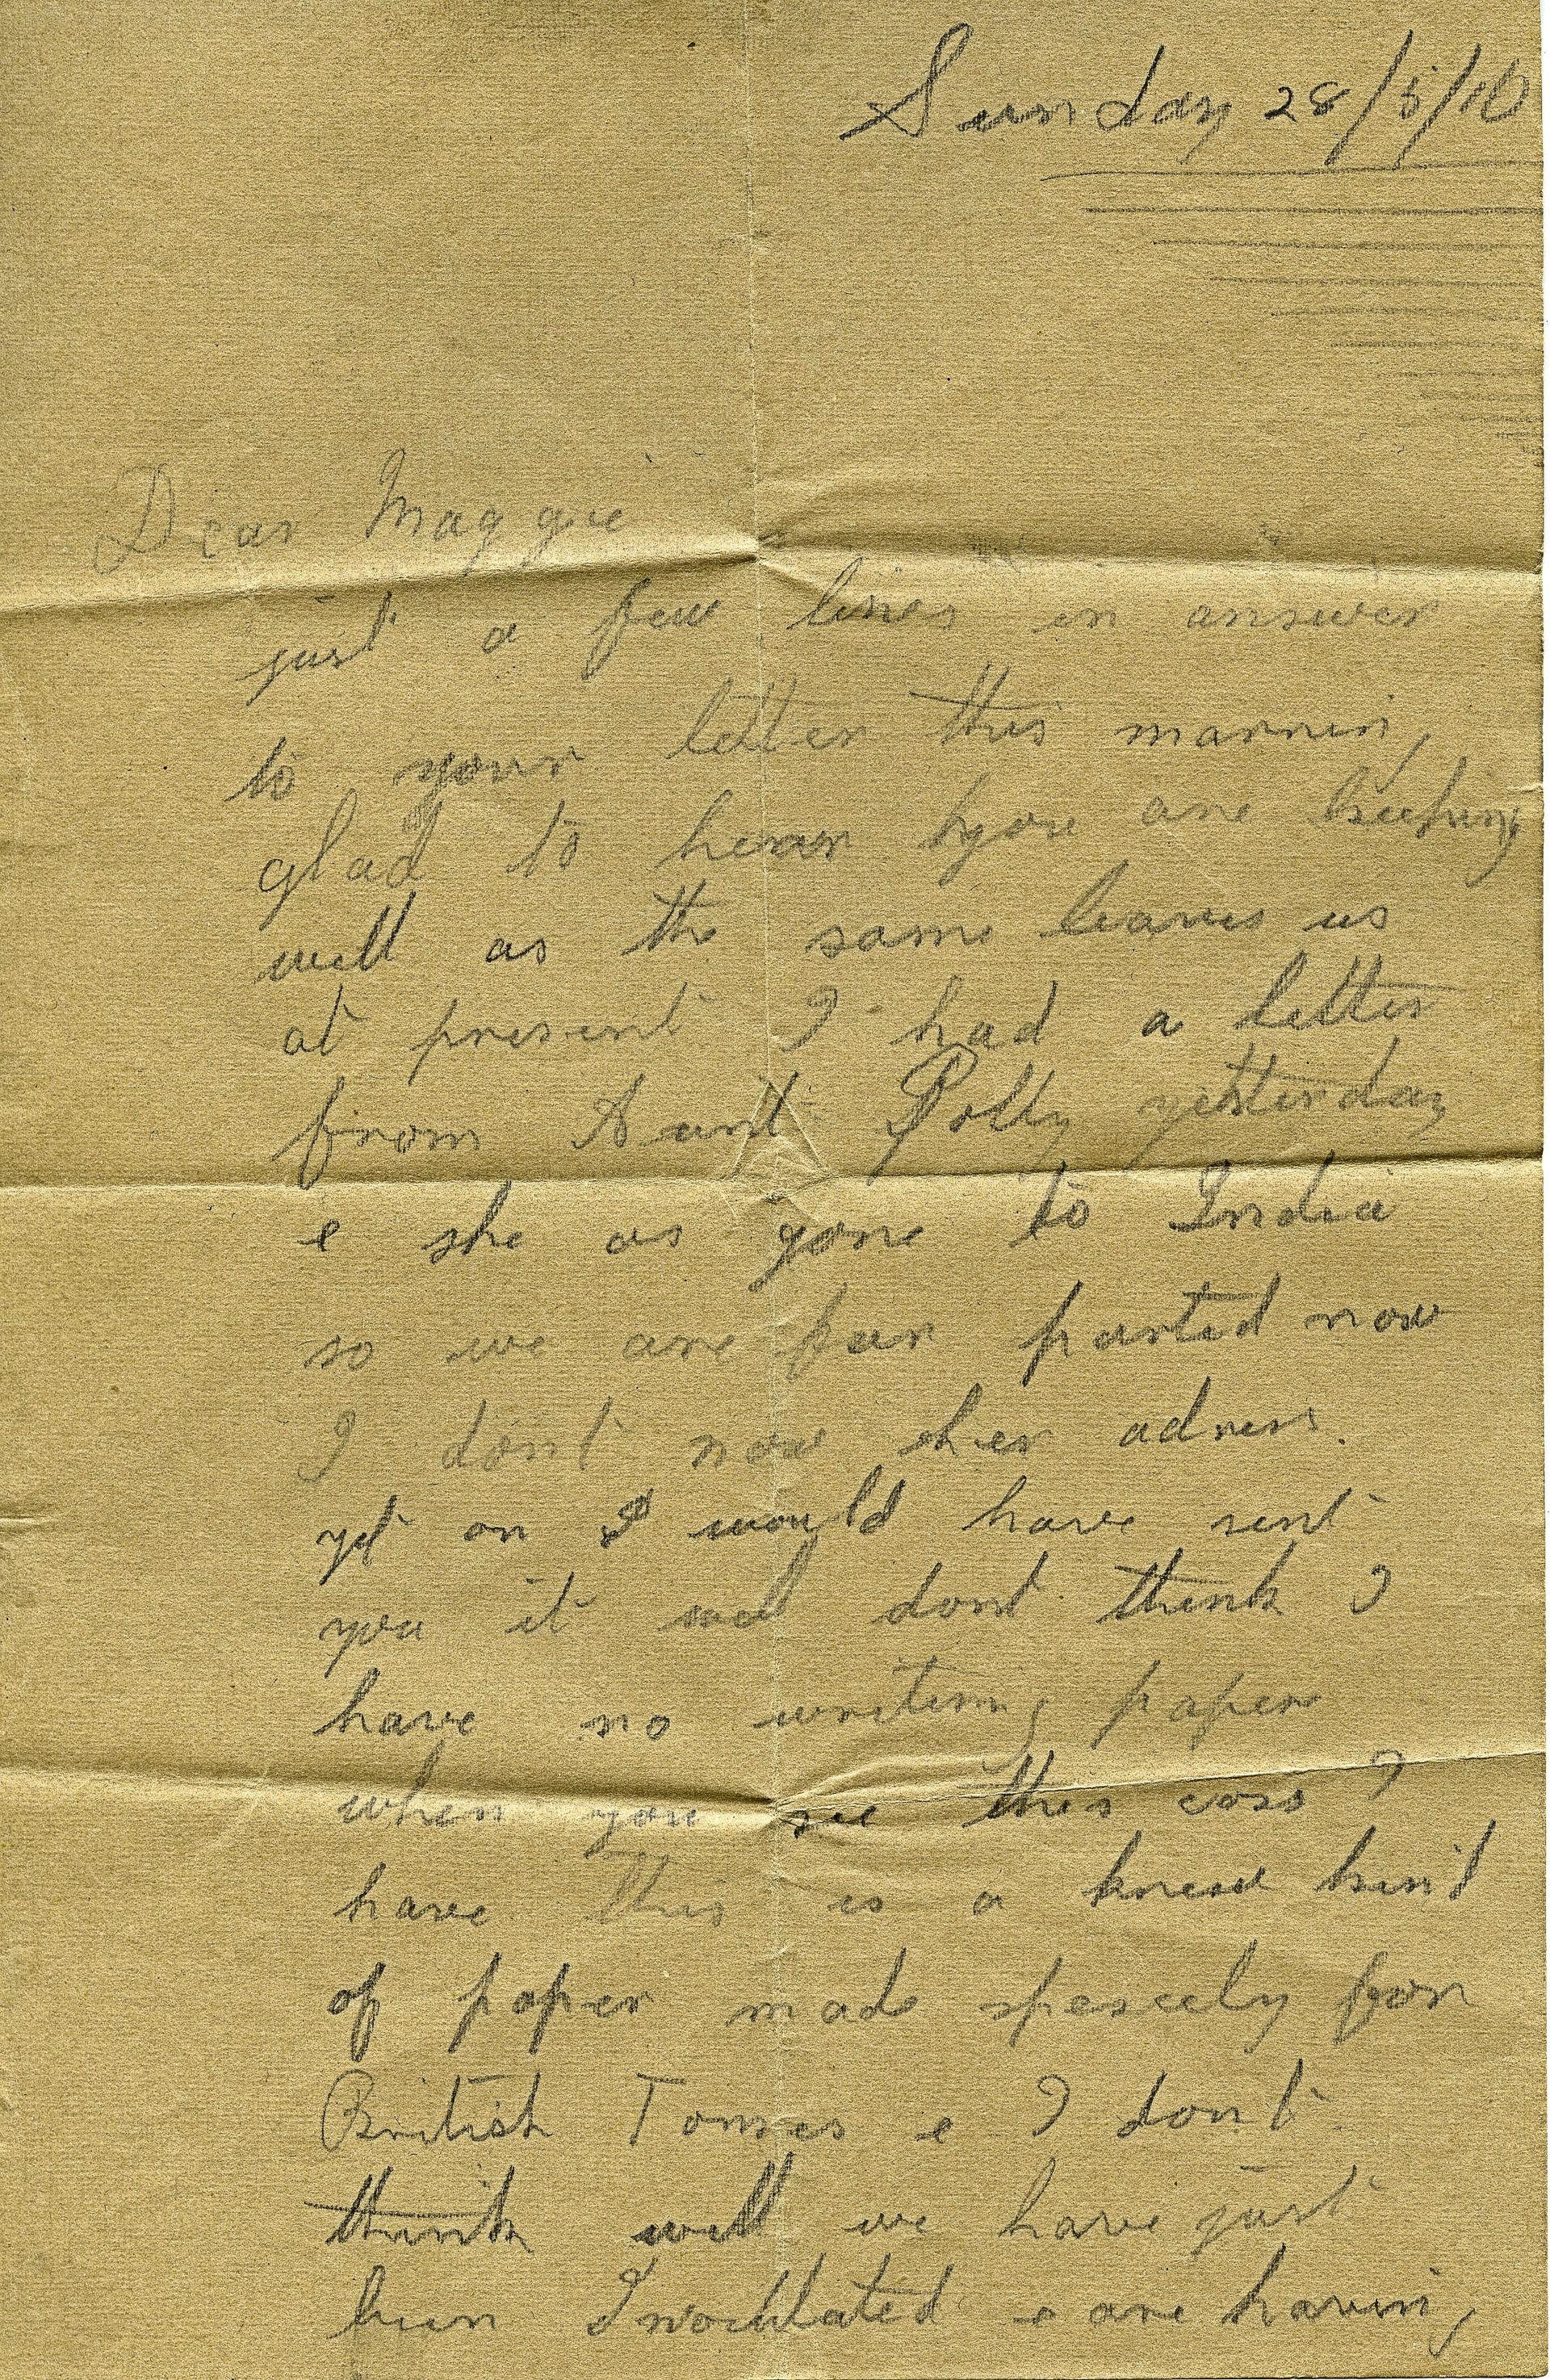 Letter from Matt. Heseltine of Thoralby, 1916